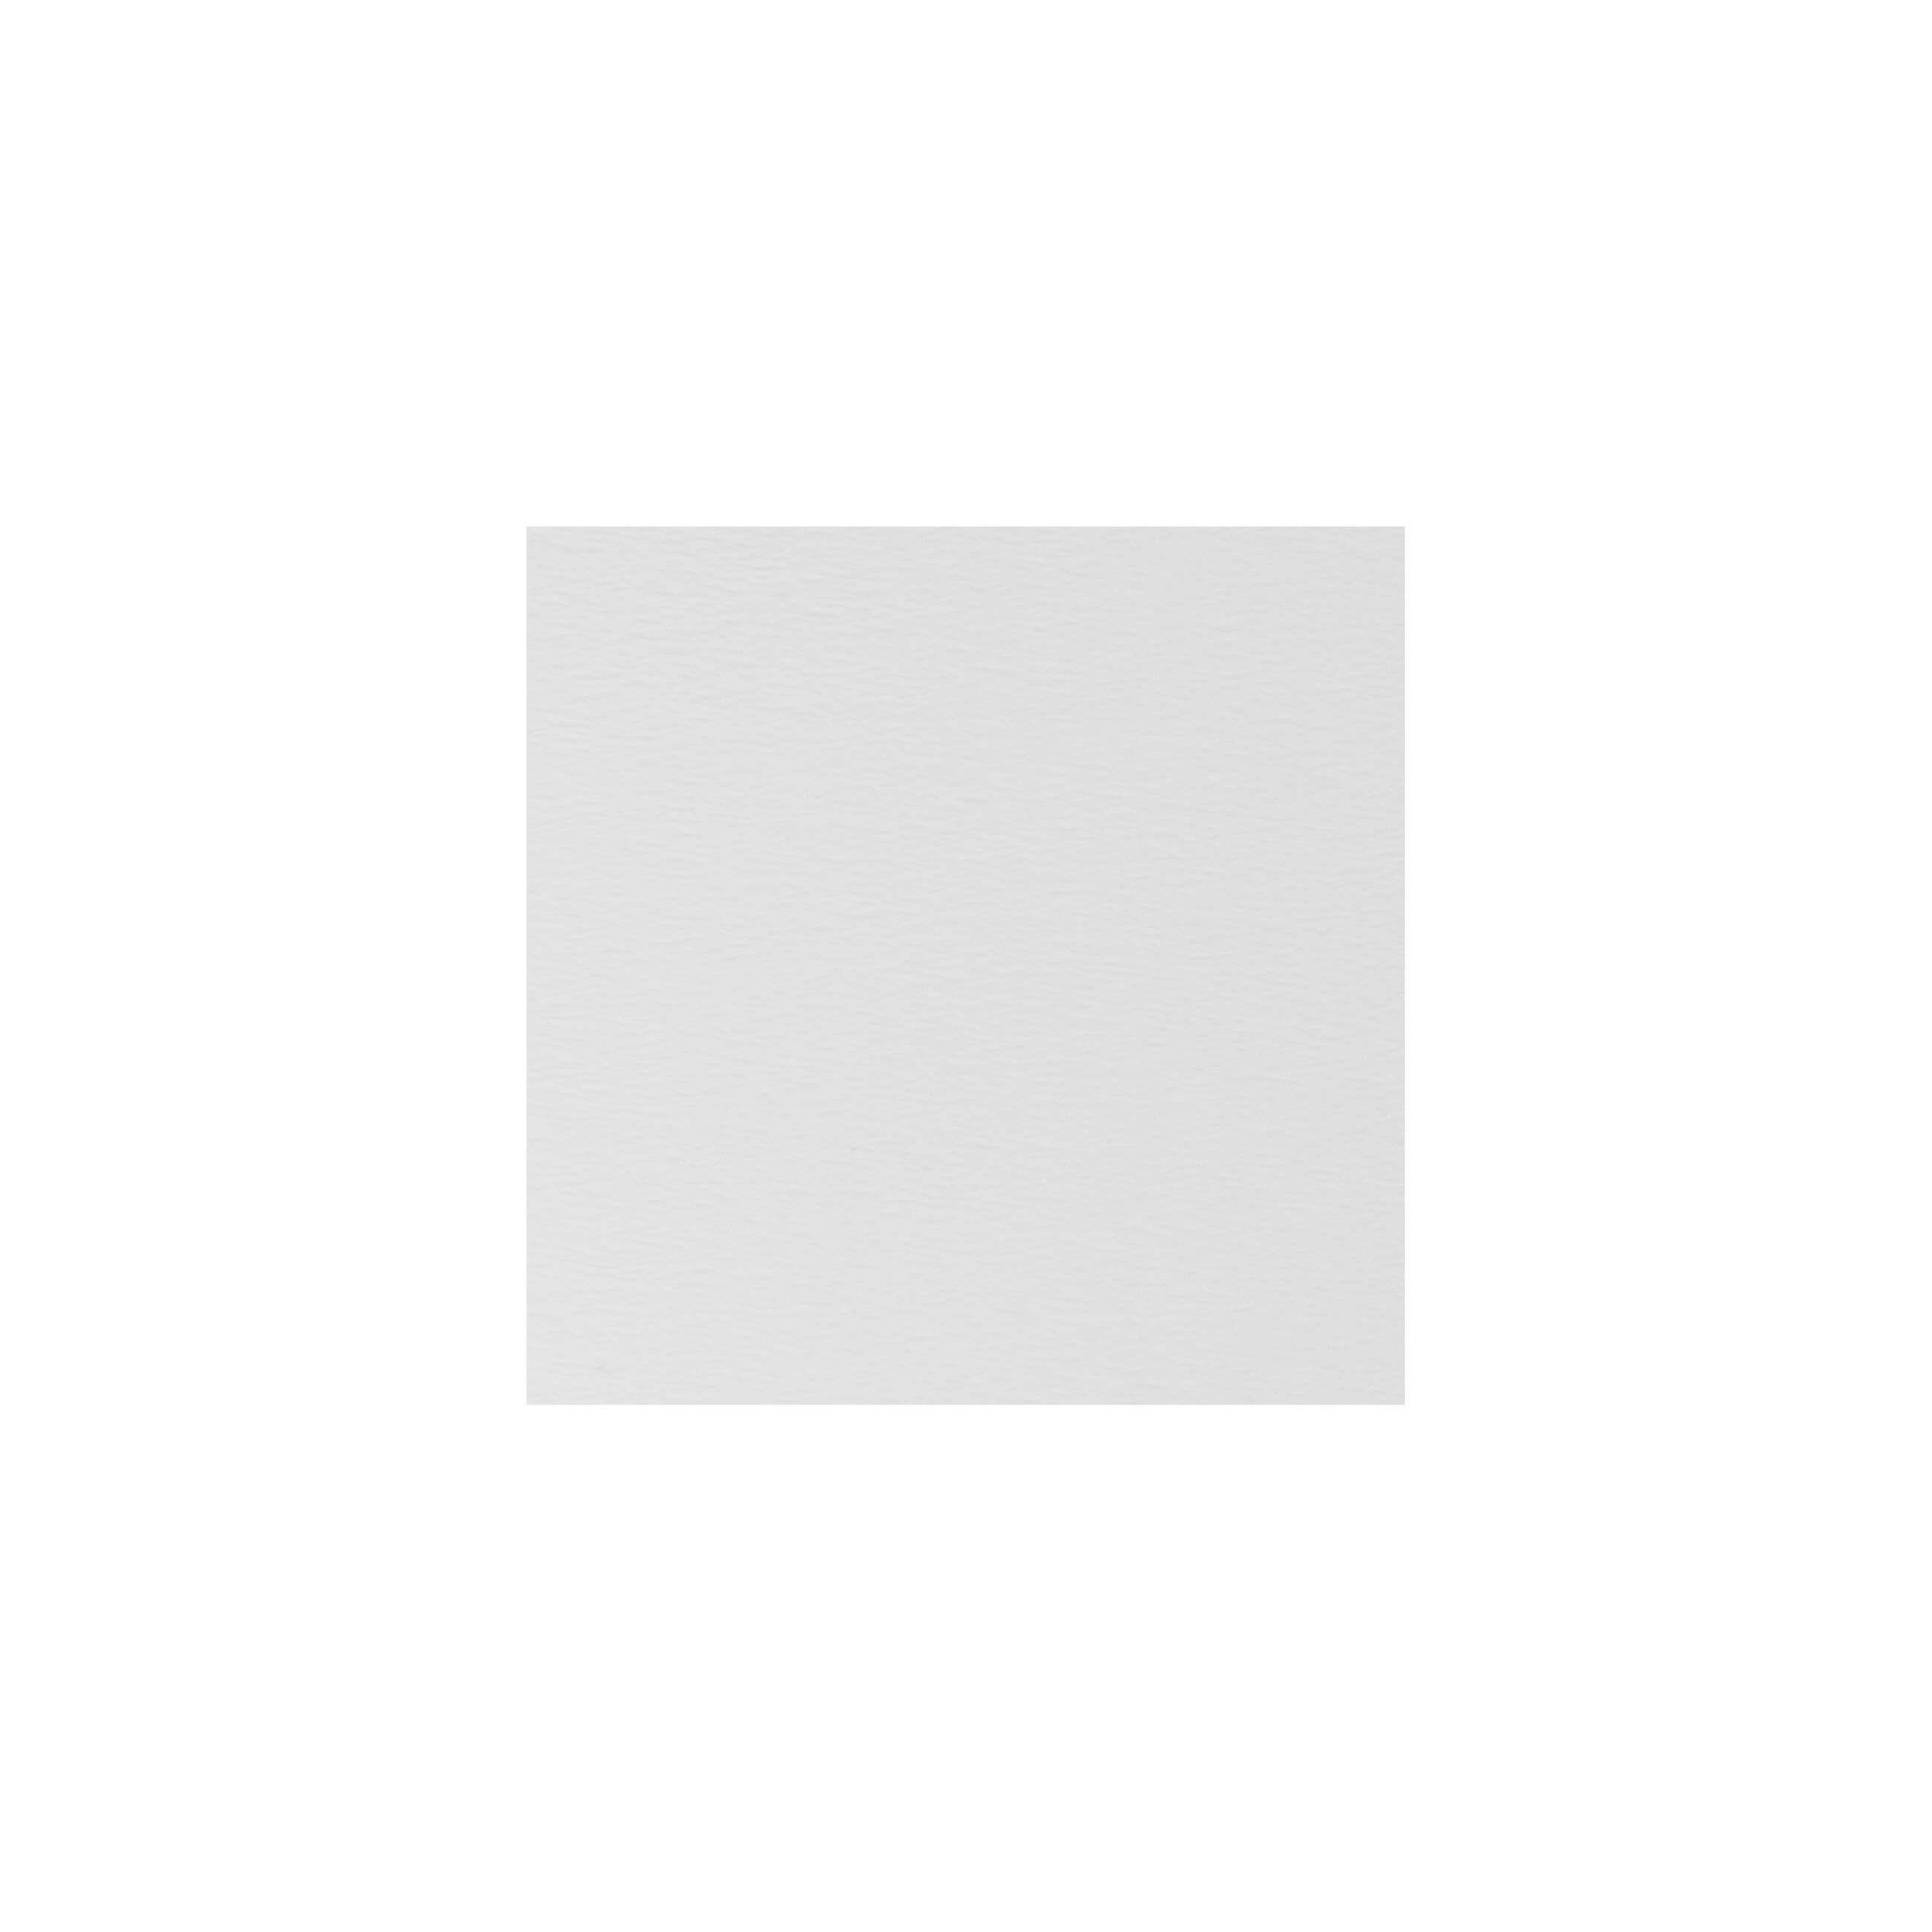 Cardstock 100mm Square - Accent Antique White